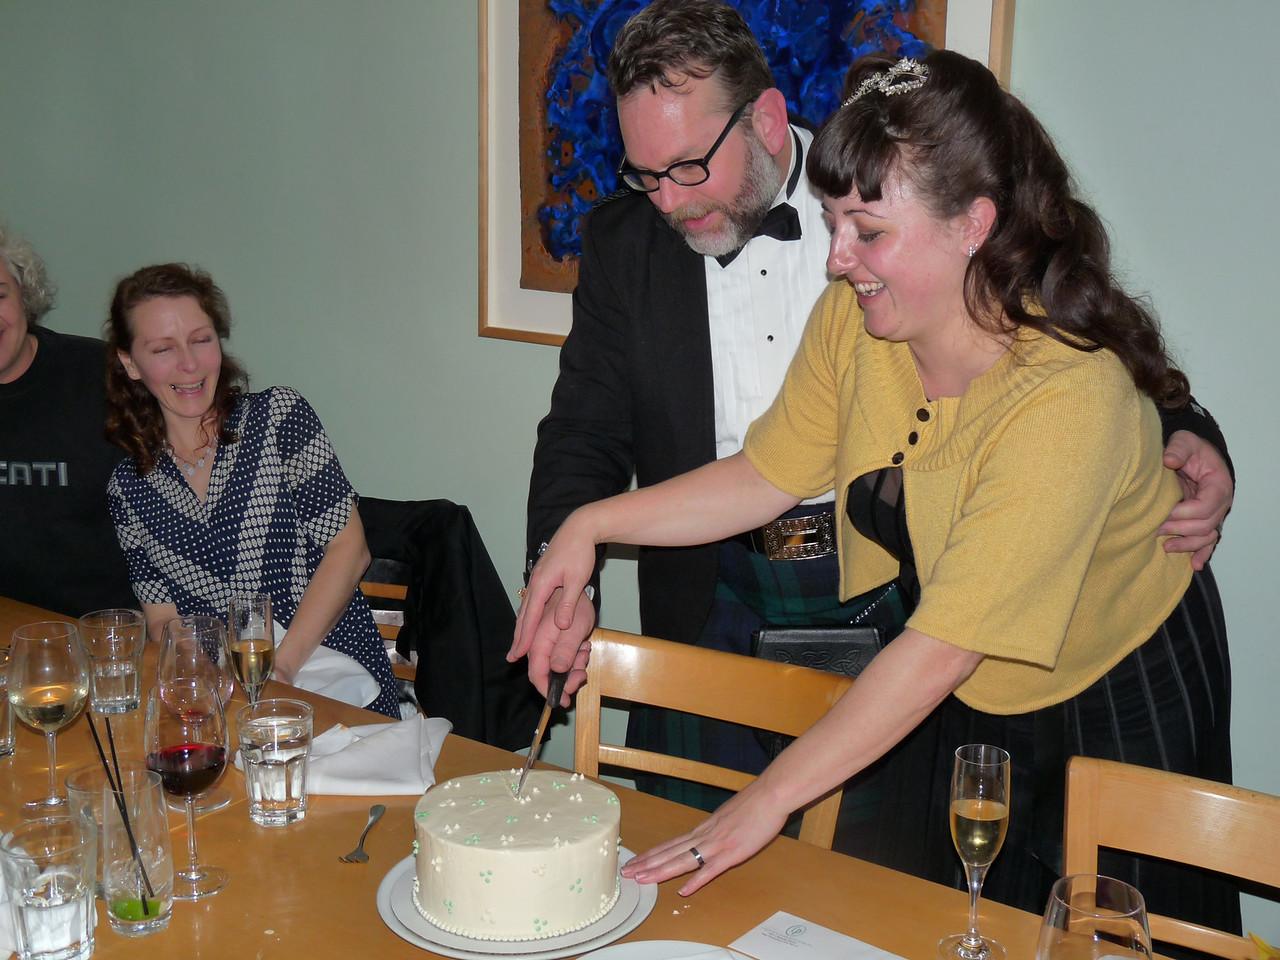 Cutting cake #2